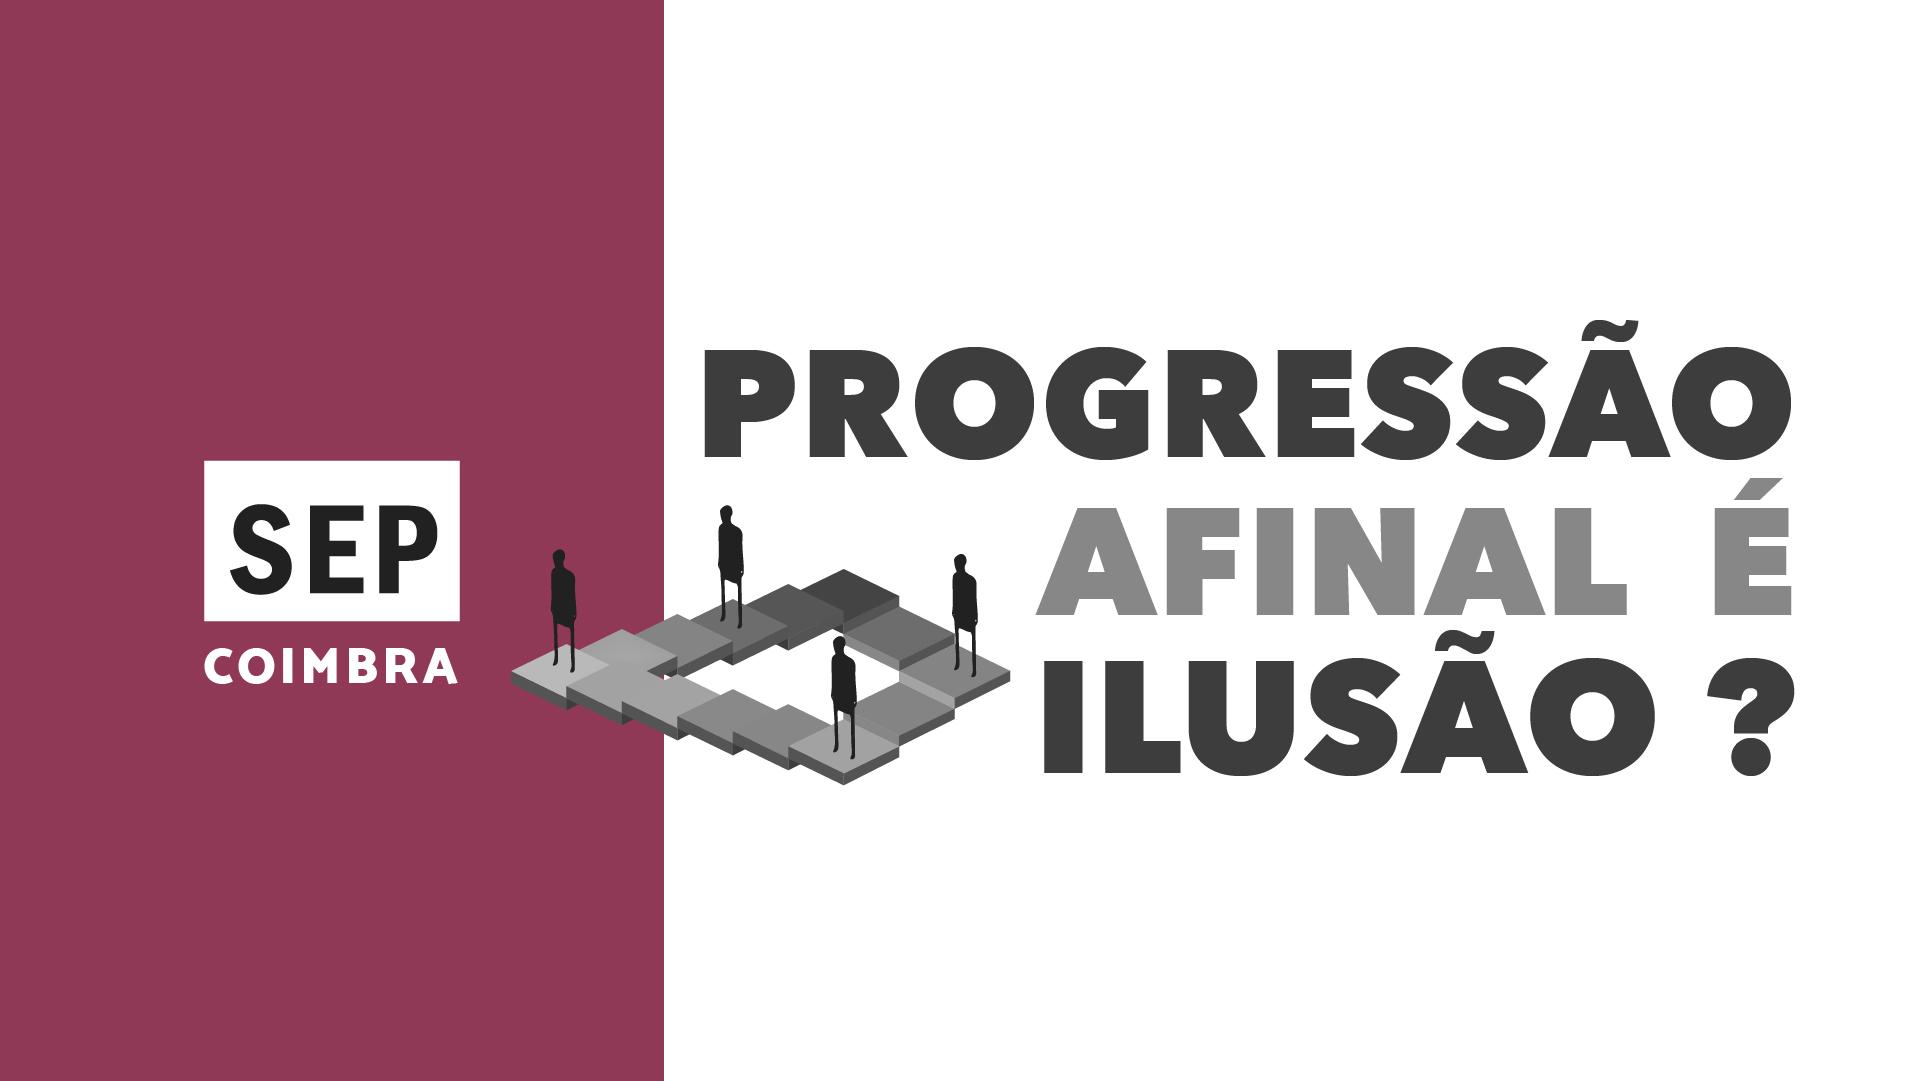 IPO de Coimbra: greve a 10 de agosto nos turnos da manhã e tarde